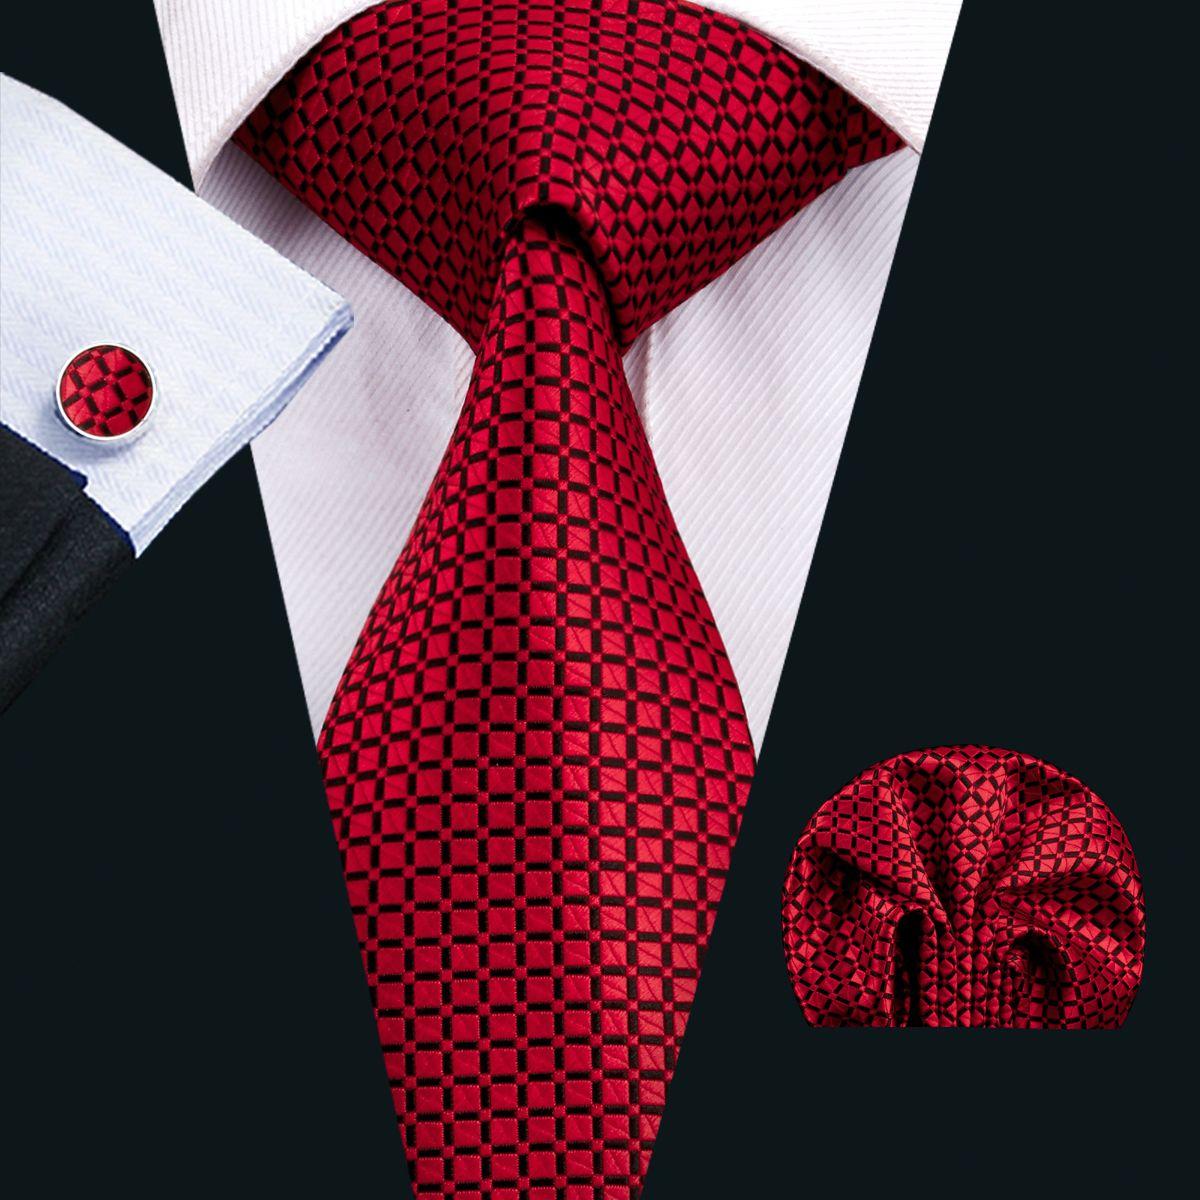 레드 남성 넥타이 클래식 실크 넥타이는 남성 넥타이 손수건 커프스 자카드 직물 회의 비즈니스 웨딩 파티 N-1573에 대한 확인 타이를 설정합니다